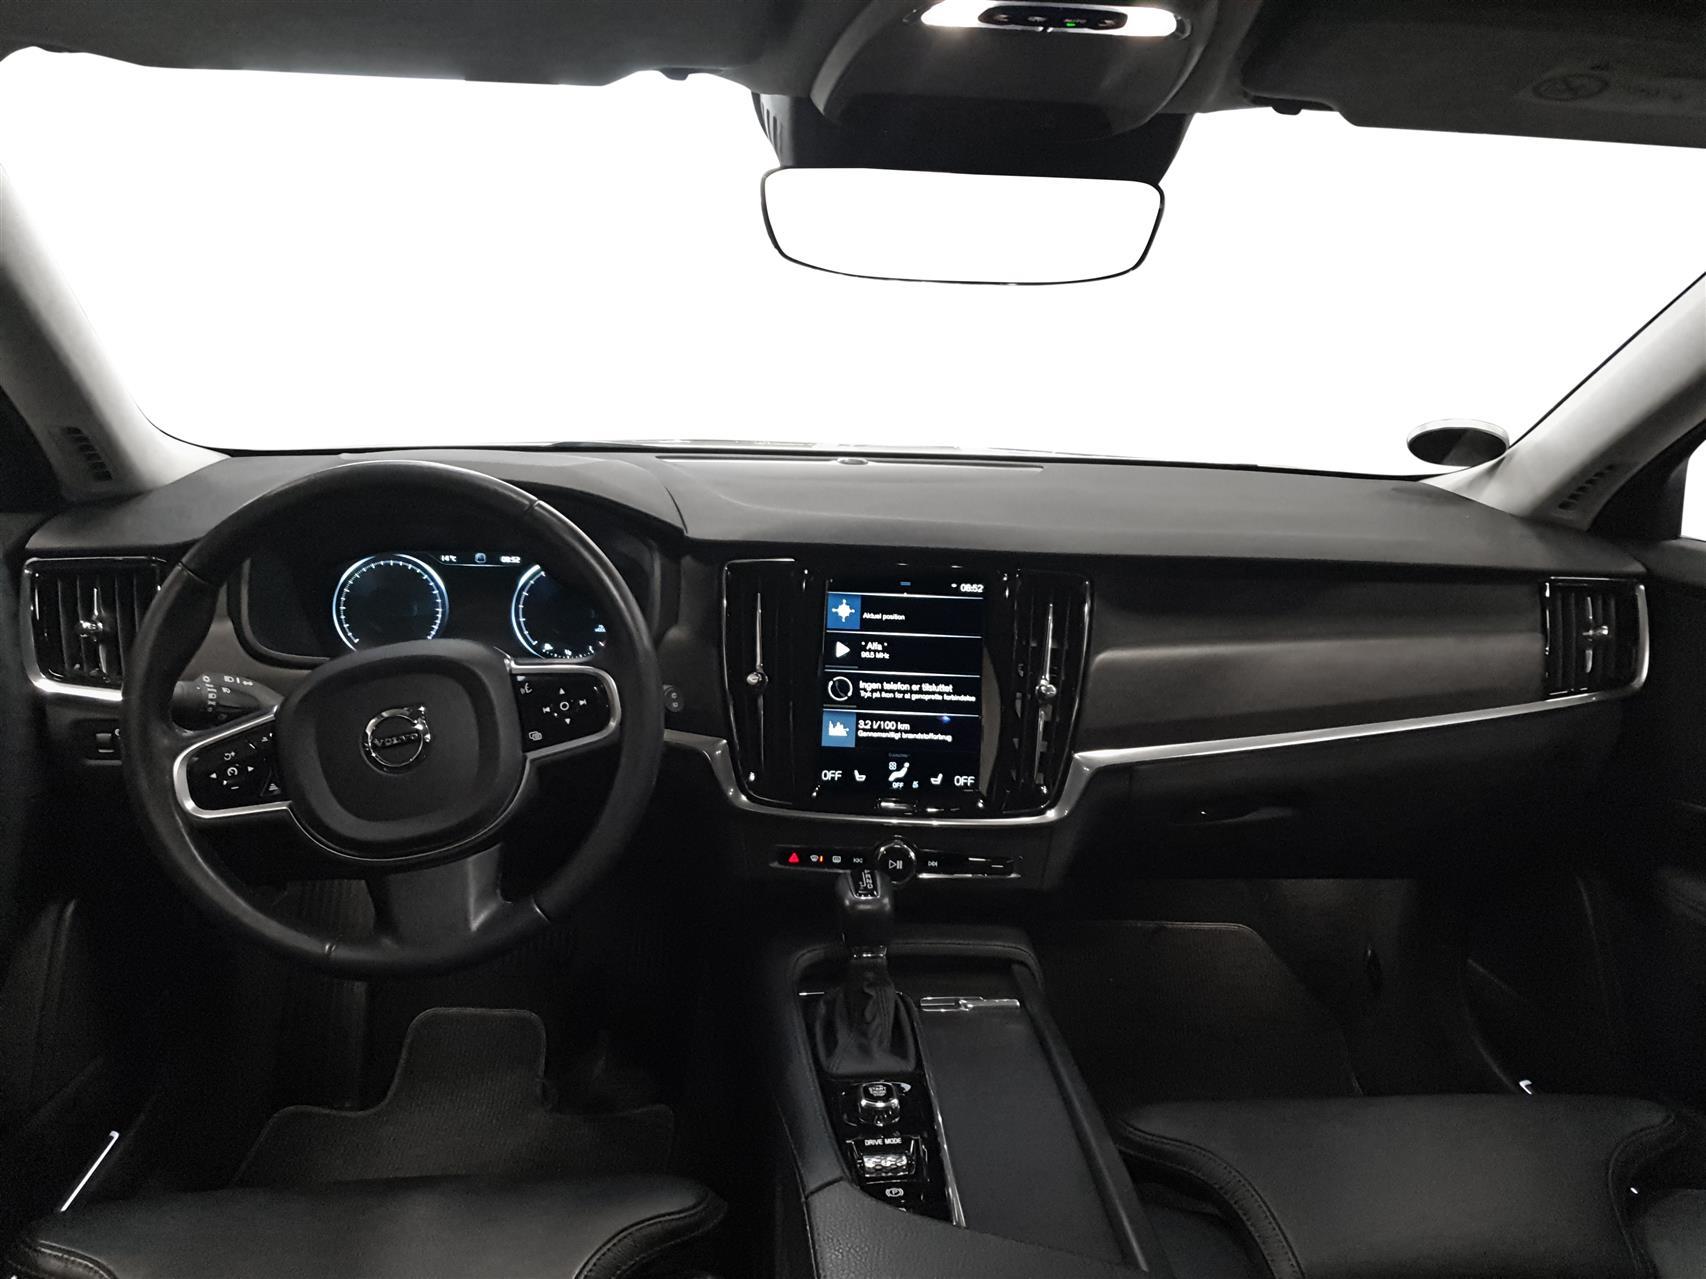 2,0 T5 Pro AWD 254HK Stc 8g Aut. image5